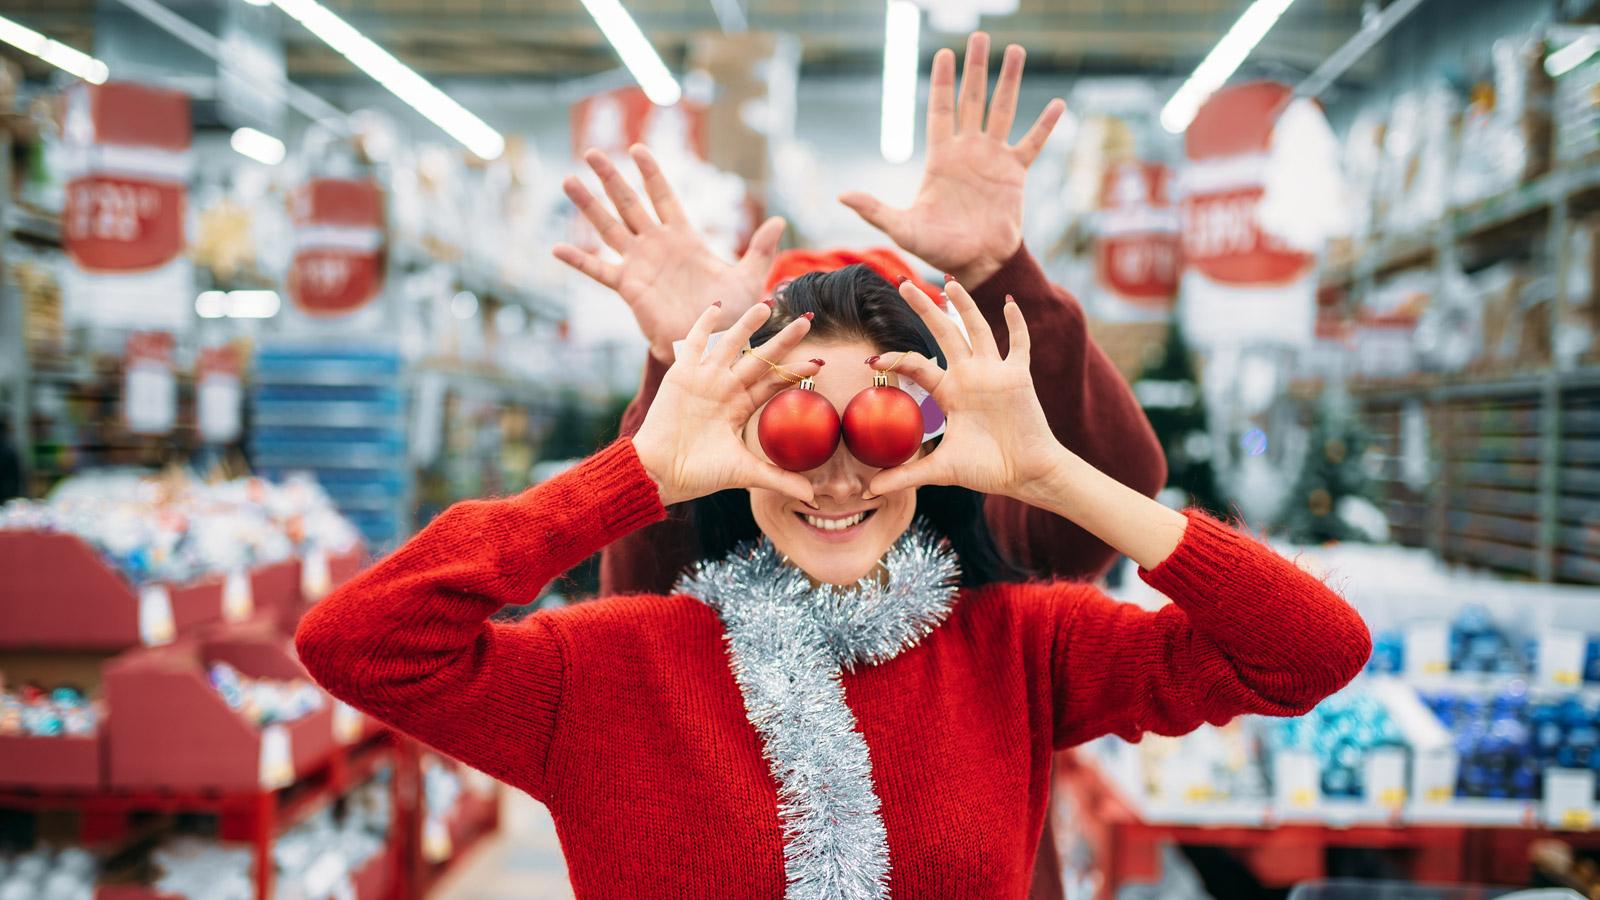 Reklamodawcy już planują świąteczne reklamy Deloitte MEDIARUN swieta zakupy reklamodawcy 2019